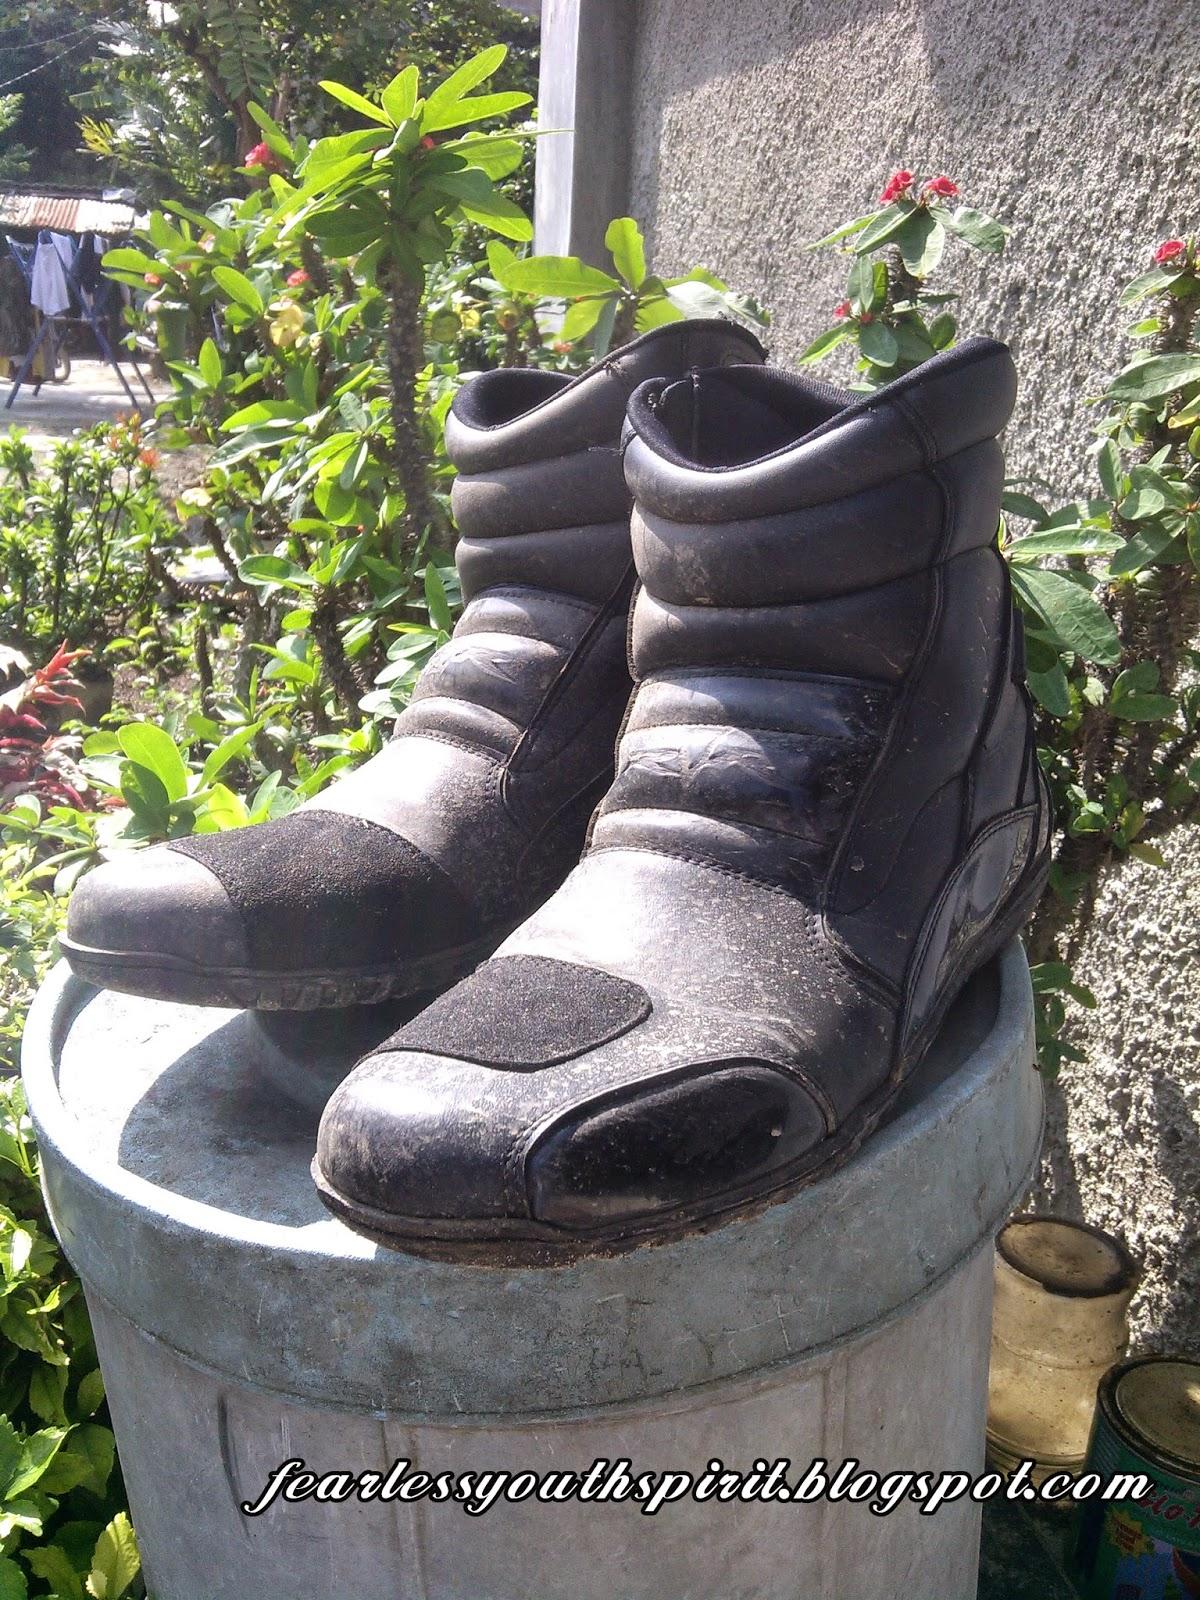 Semenjak kejadian itu FYS jadi sering berburu safety shoes demi keselamatan  di atas motor. Nah biasanya FYS memilih sepatu safety shoes model proyek  untuk ... 475352f3c6